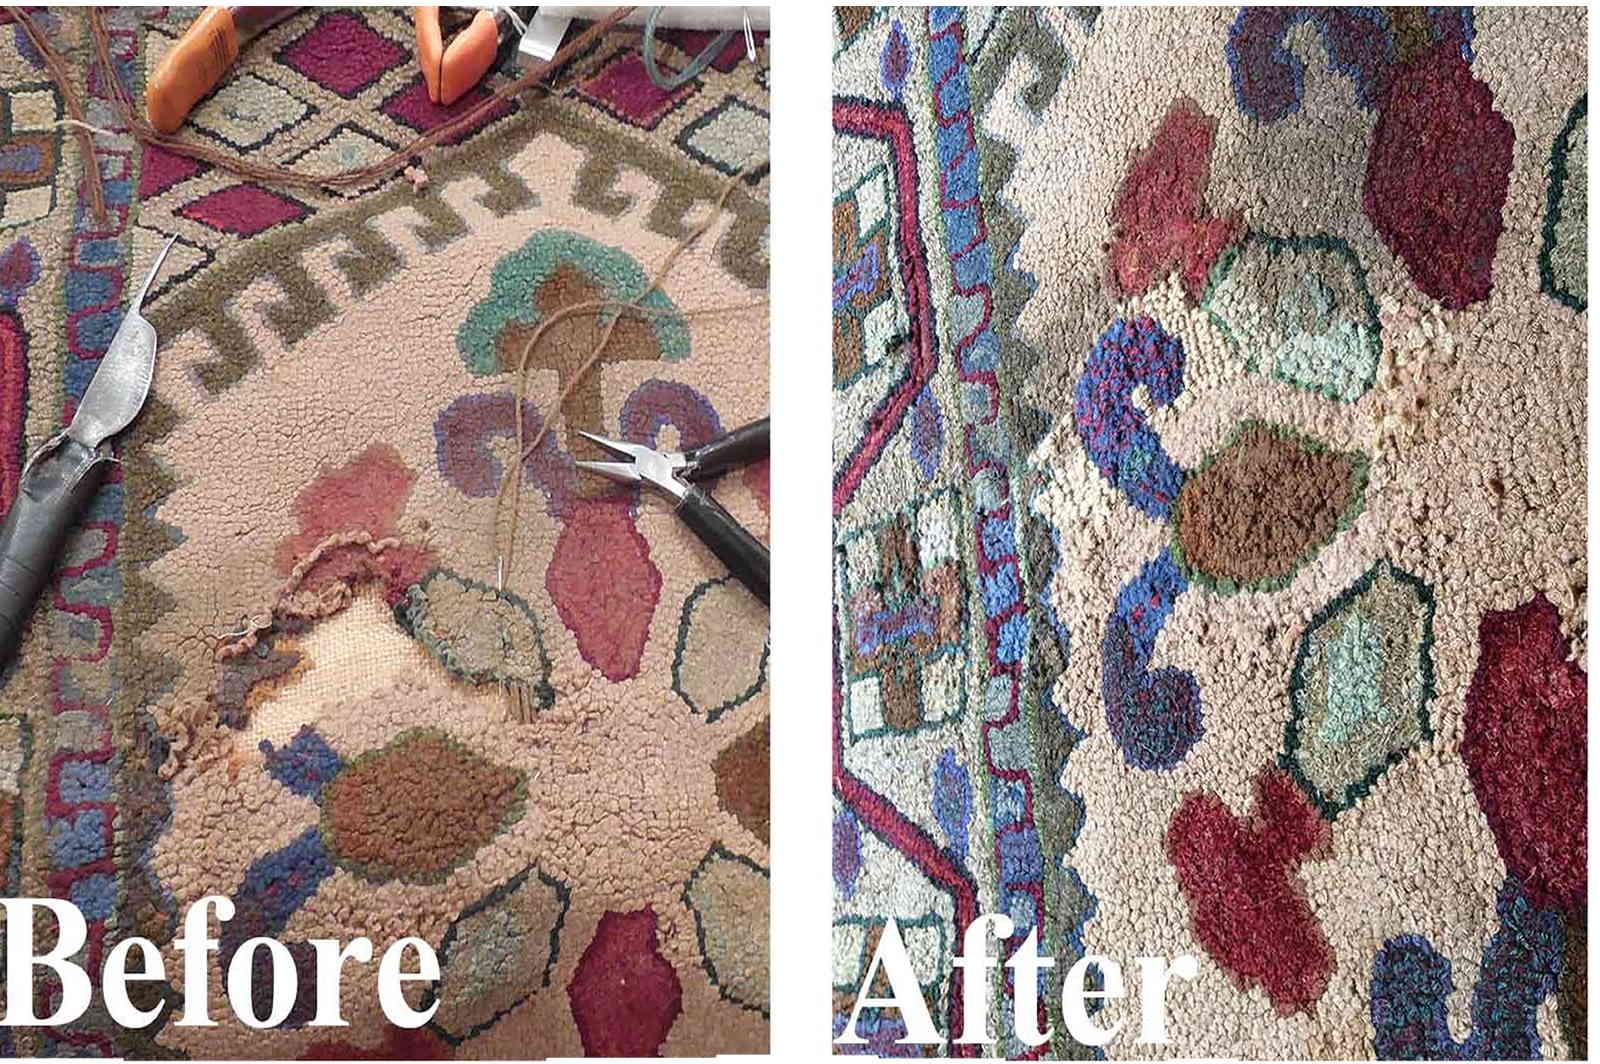 carpet repair and wash hong kong, carpet repair quote, home carpet repair,